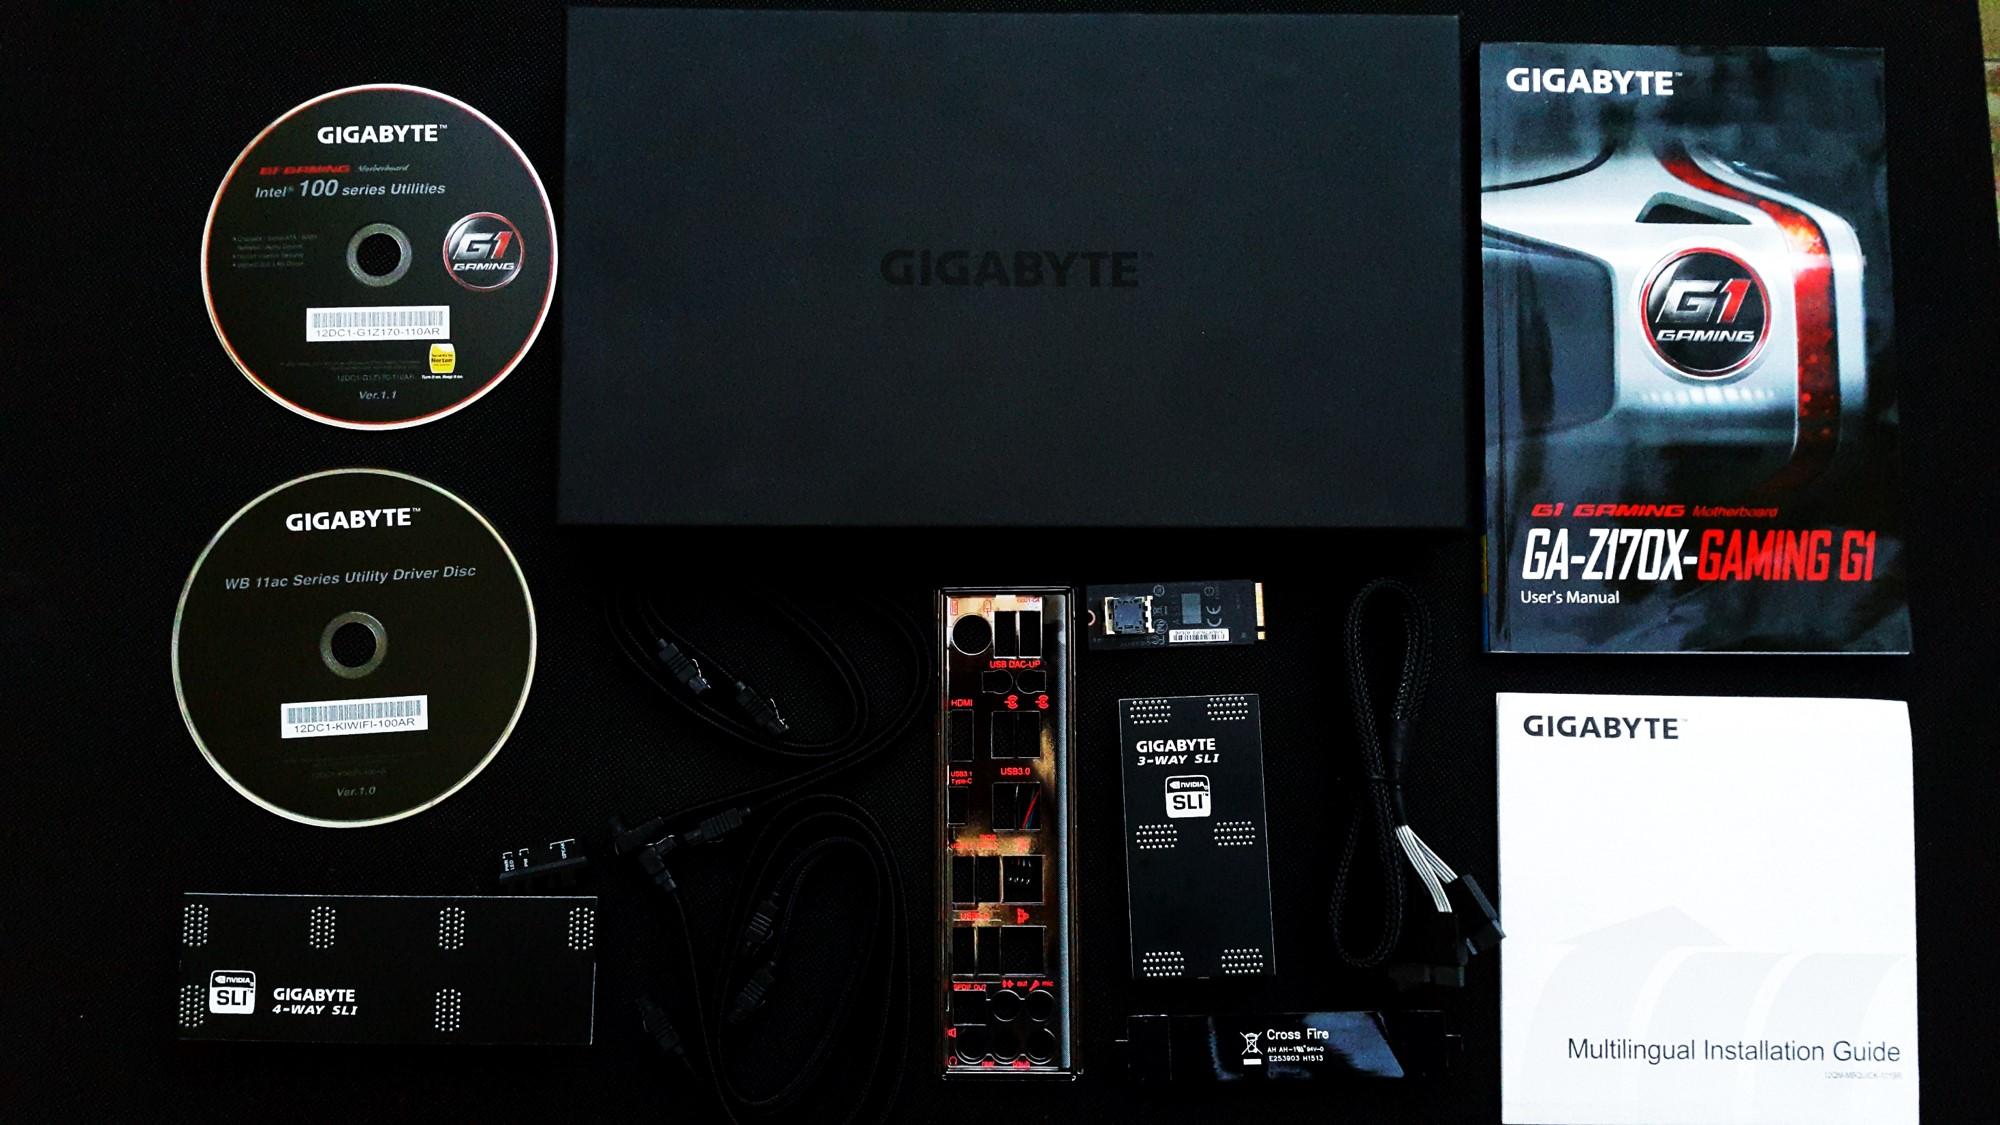 Gigabyte Z170X Gaming G1 Box inside